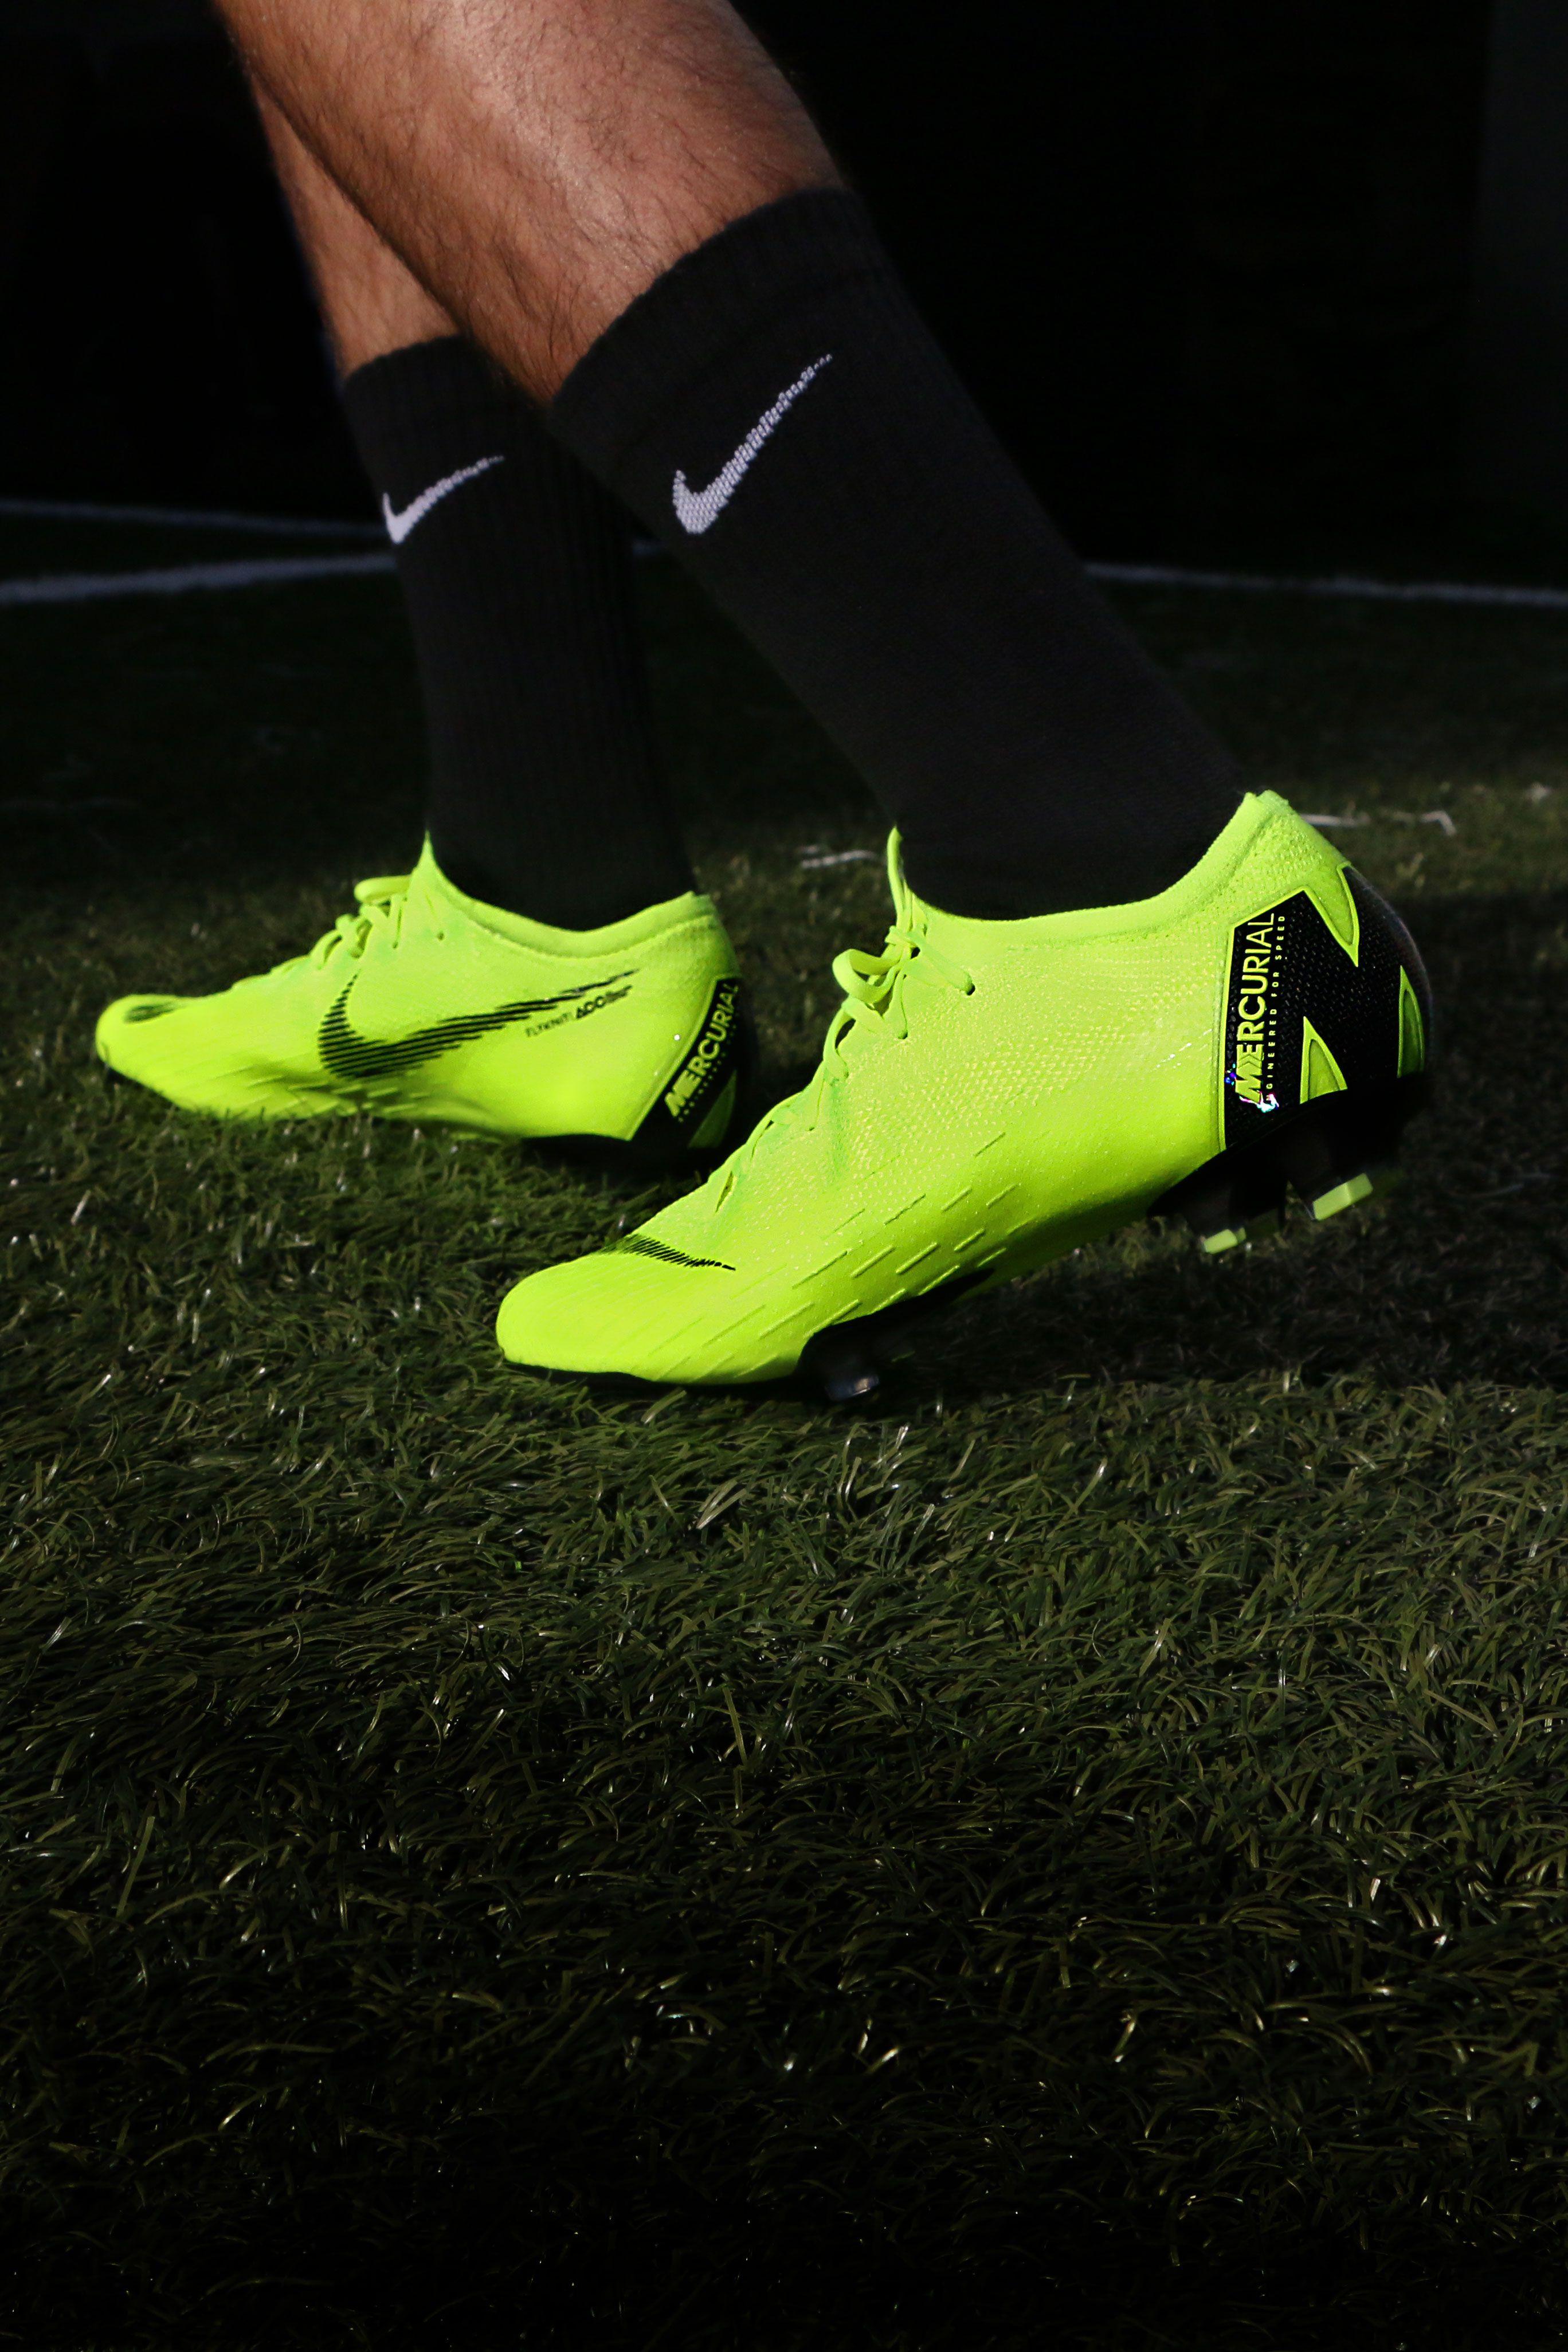 145cc4773fdf6 Aquí están las nuevas botas de fútbol Nike de la colección Always Forward.   botasdefutbol  nike  alwaysfordward  mercurial  phantom  niketiempo   hypervenom